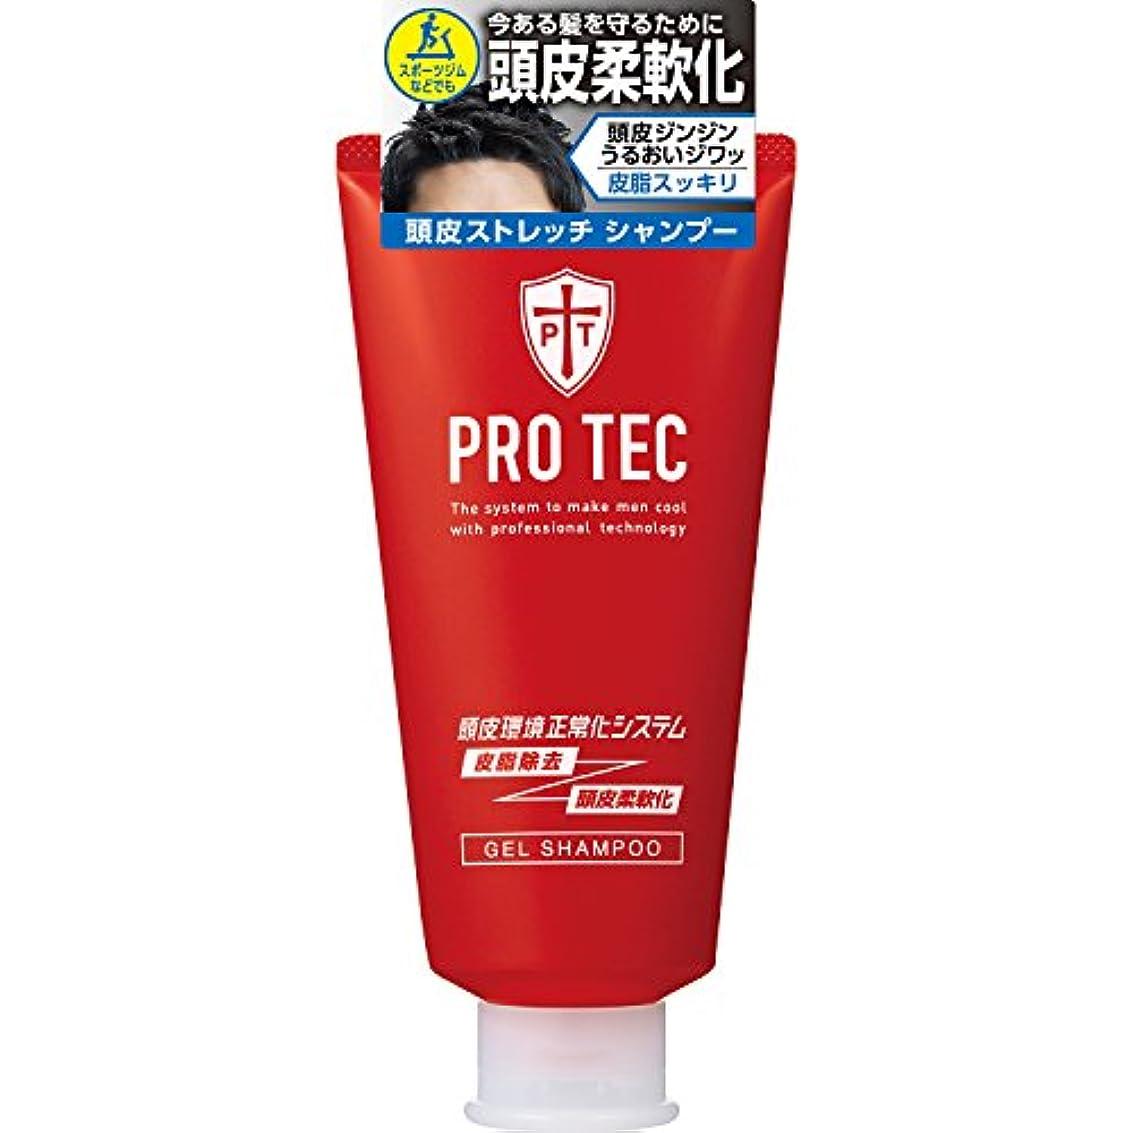 感謝祭カプセル伝えるPRO TEC(プロテク) 頭皮ストレッチ シャンプー チューブ 150g(医薬部外品)